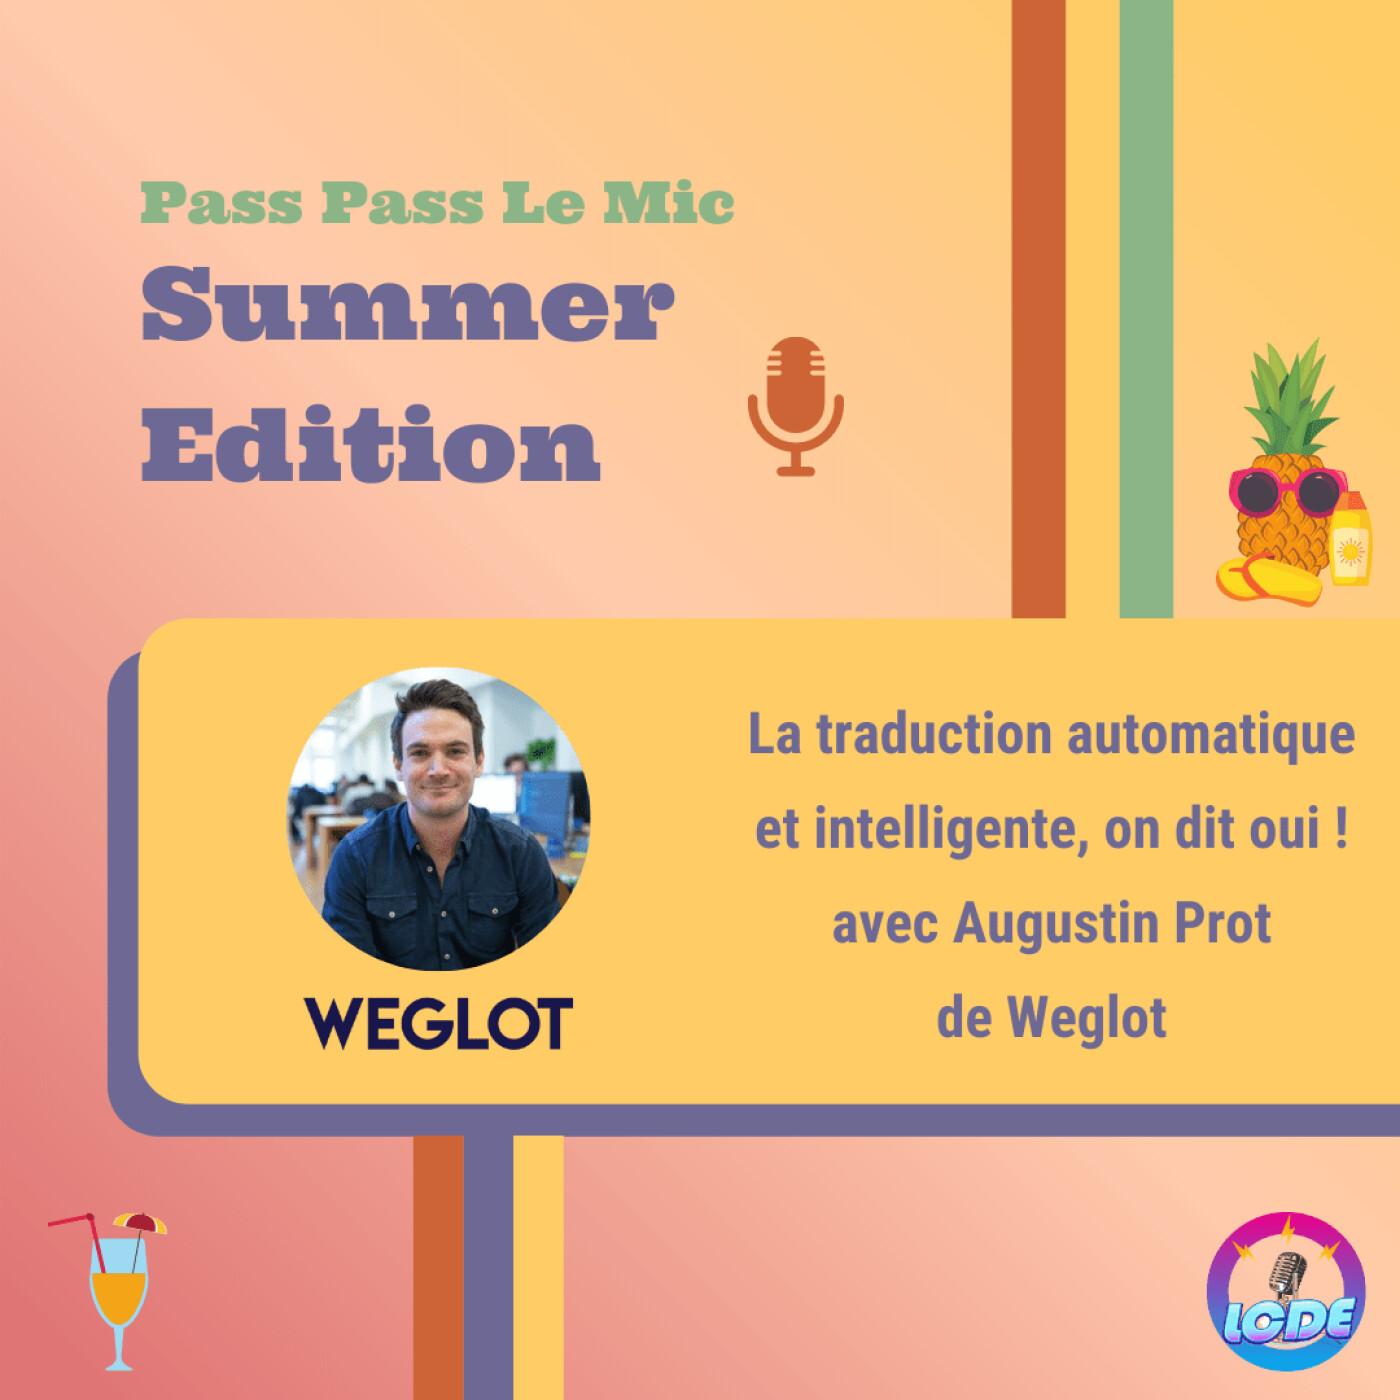 PPLM Summer Edition - La traduction automatique et intelligente, on dit oui ! avec Augustin Prot de Weglot